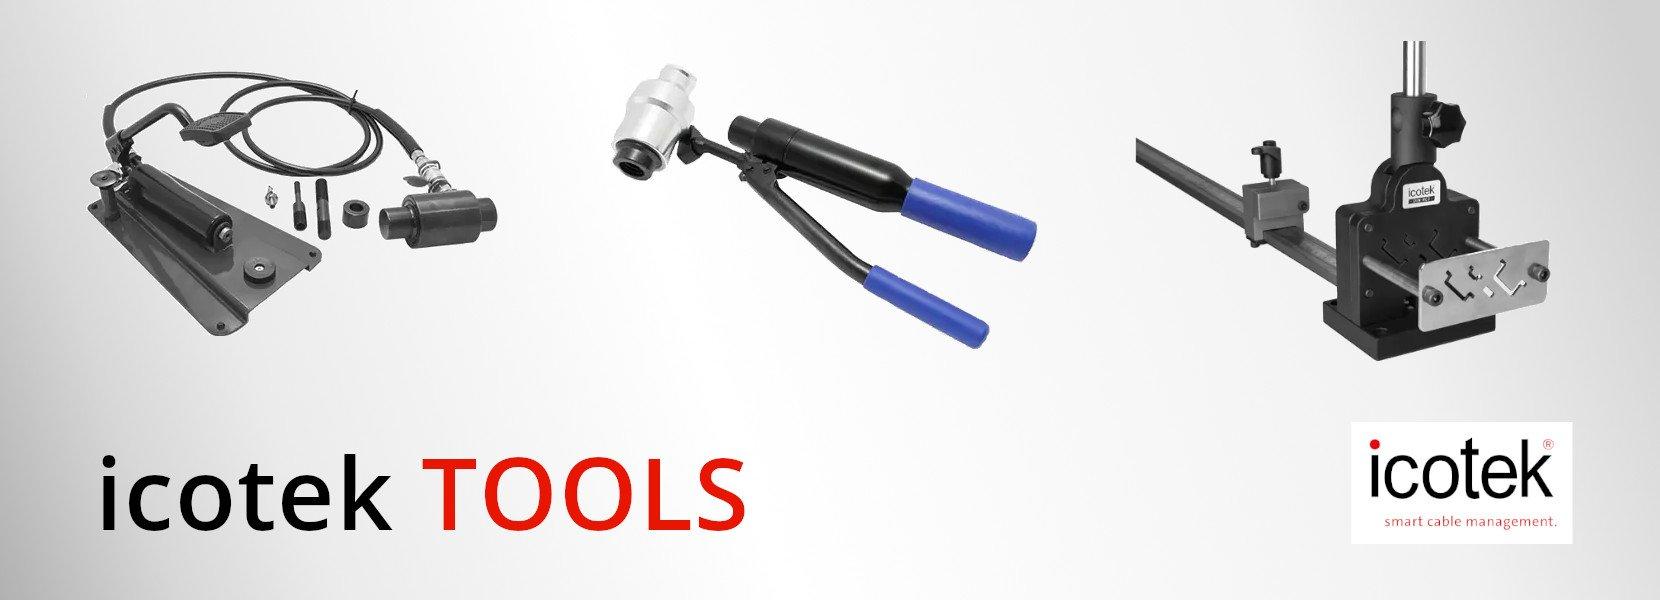 icotek TOOLS – Hydraulik Stanzwerkzeug und Schneidgerät für Profilschien